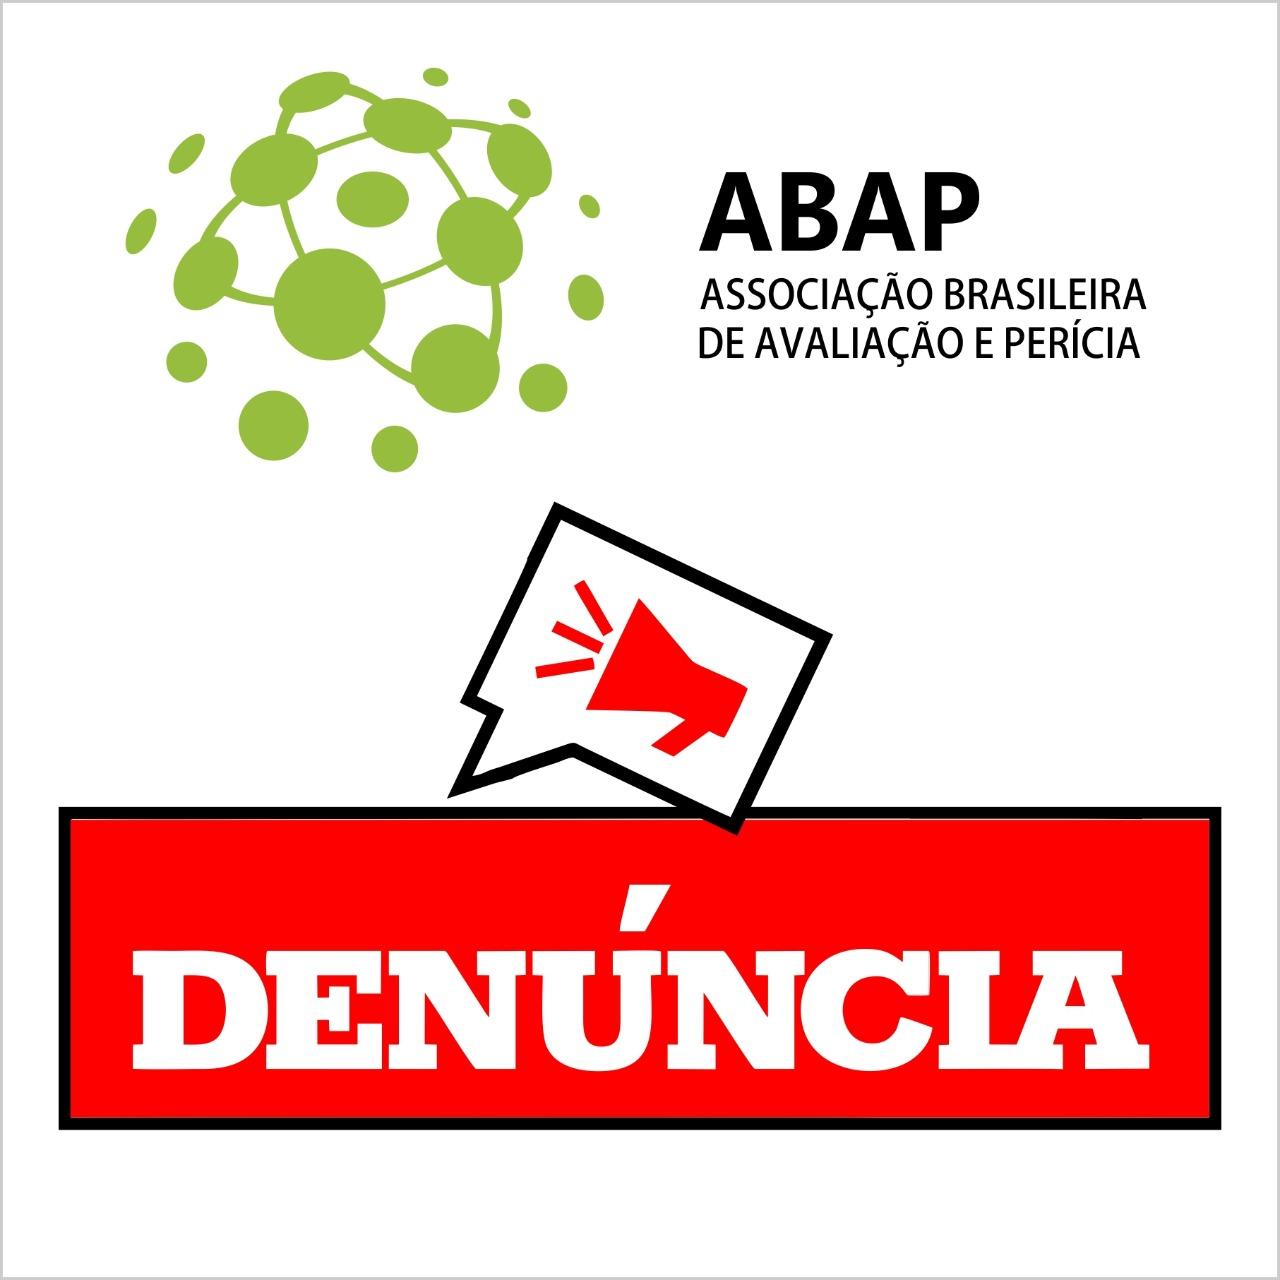 ABAP agindo em prol do Engenheiro/Arquiteto avaliador de imóveis